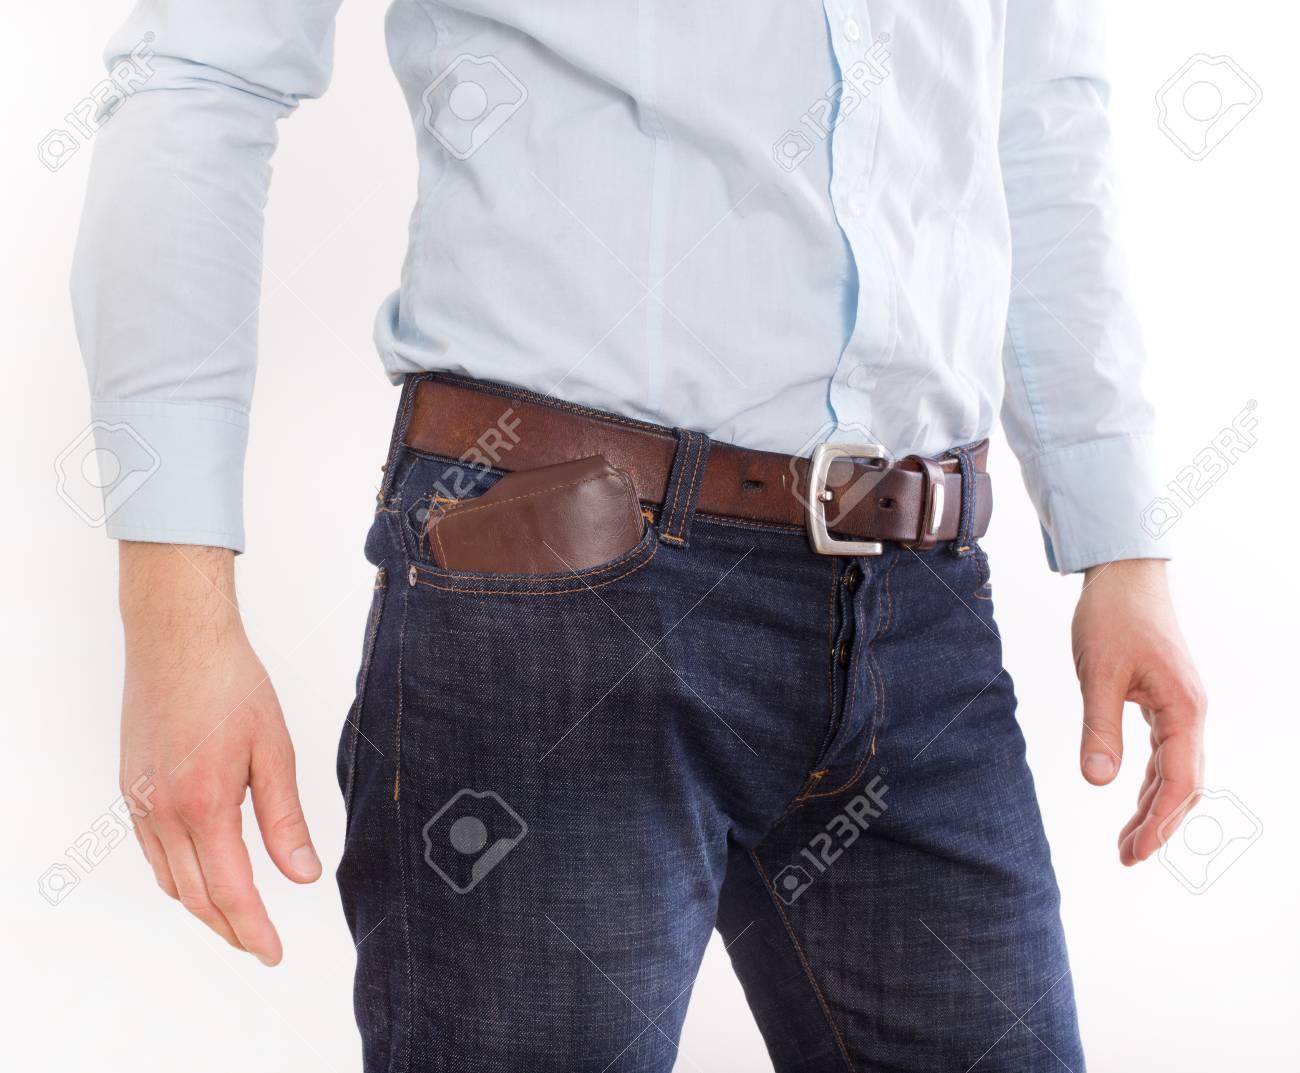 Atractivo joven en jeans y camisa con billetera de cuero marrón en el  bolsillo 2b3be495dc7